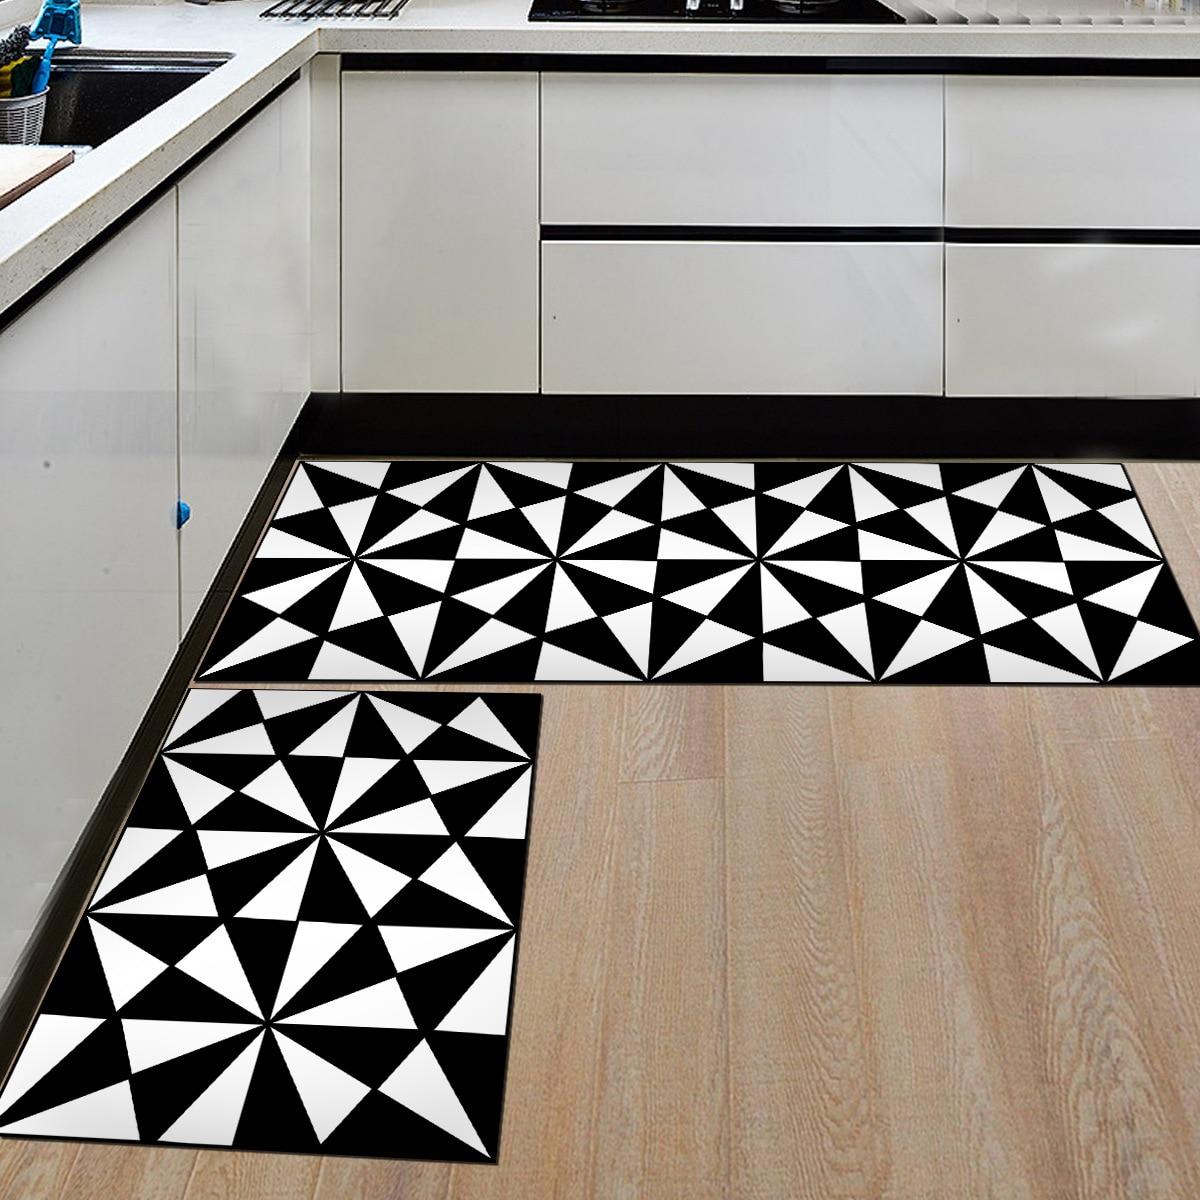 Современный геометрический Коврик для кухни, Противоскользящий коврик для ванной комнаты, домашний Коврик для прихожей/прихожей, коврик для шкафа/балкона, креативный ковер - Цвет: 8